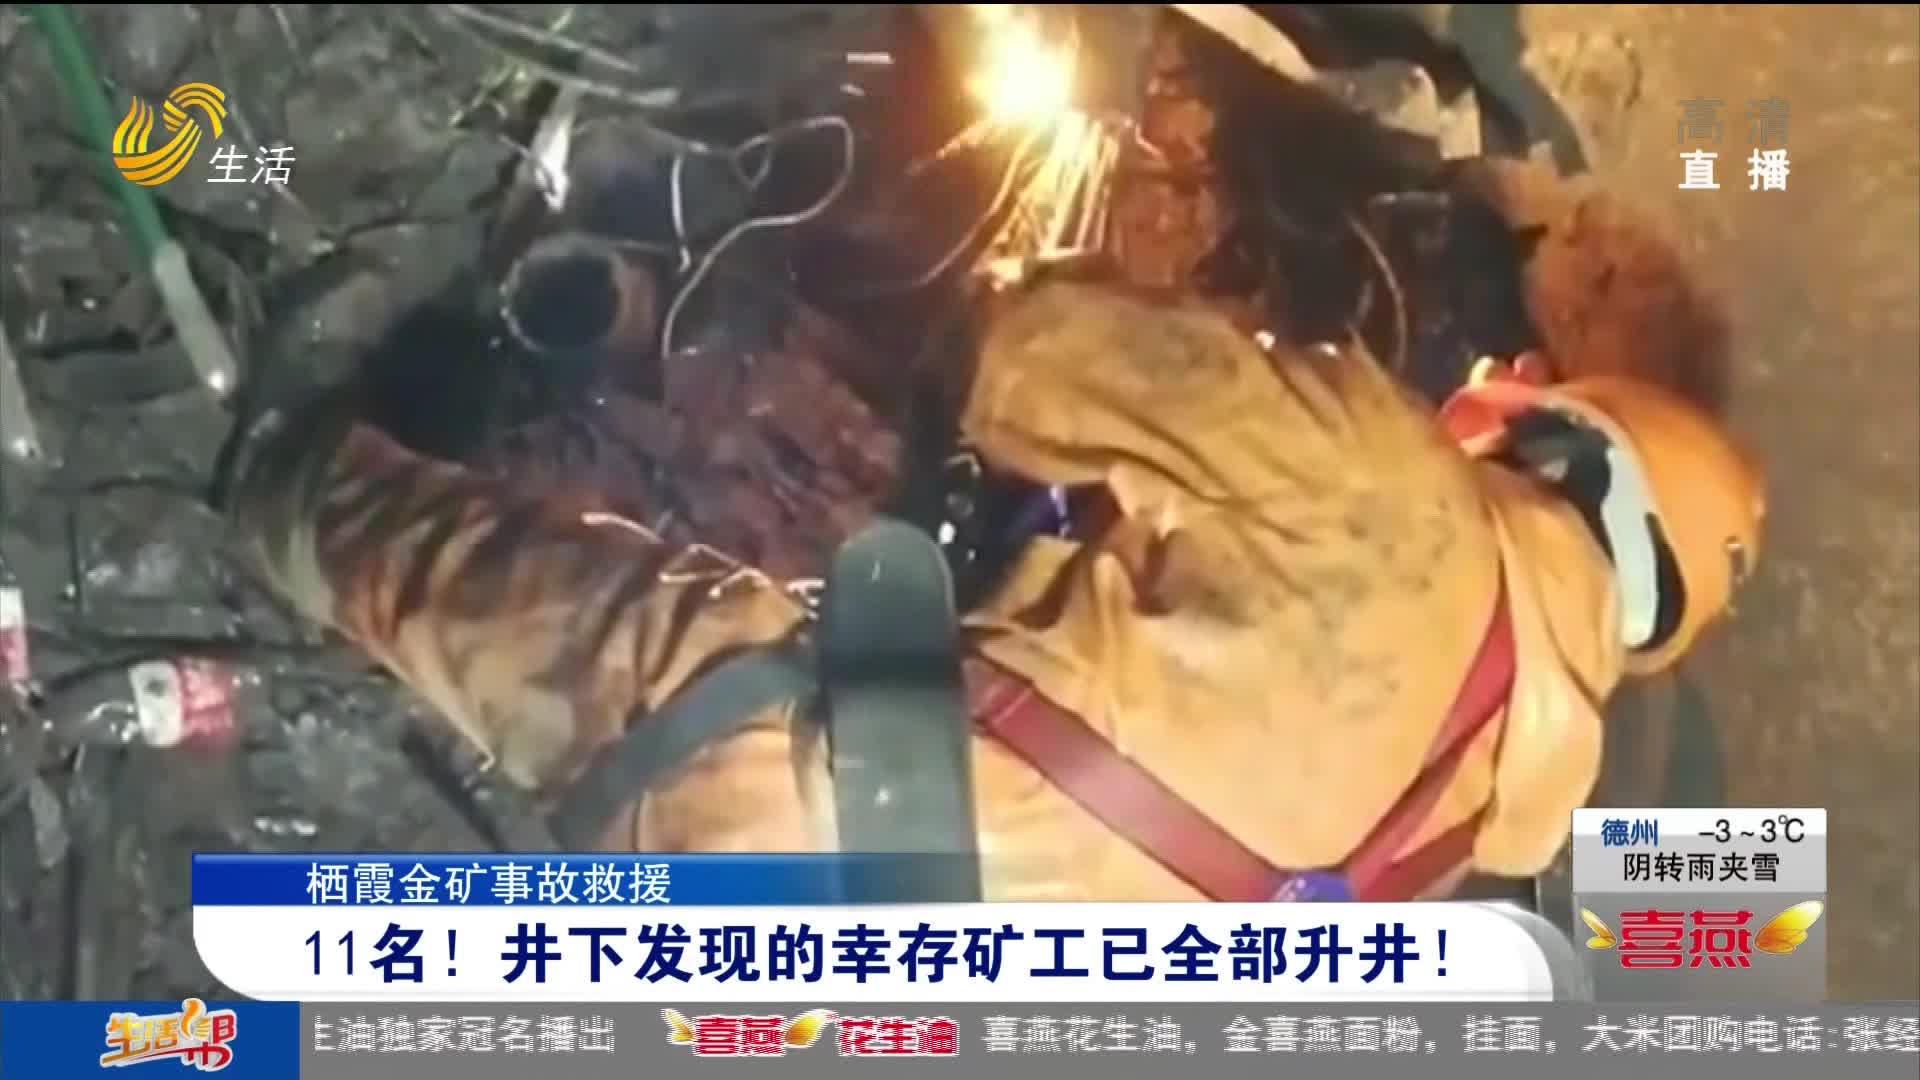 栖霞金矿事故救援:11名 !井下发现的幸存矿工已全部升井!